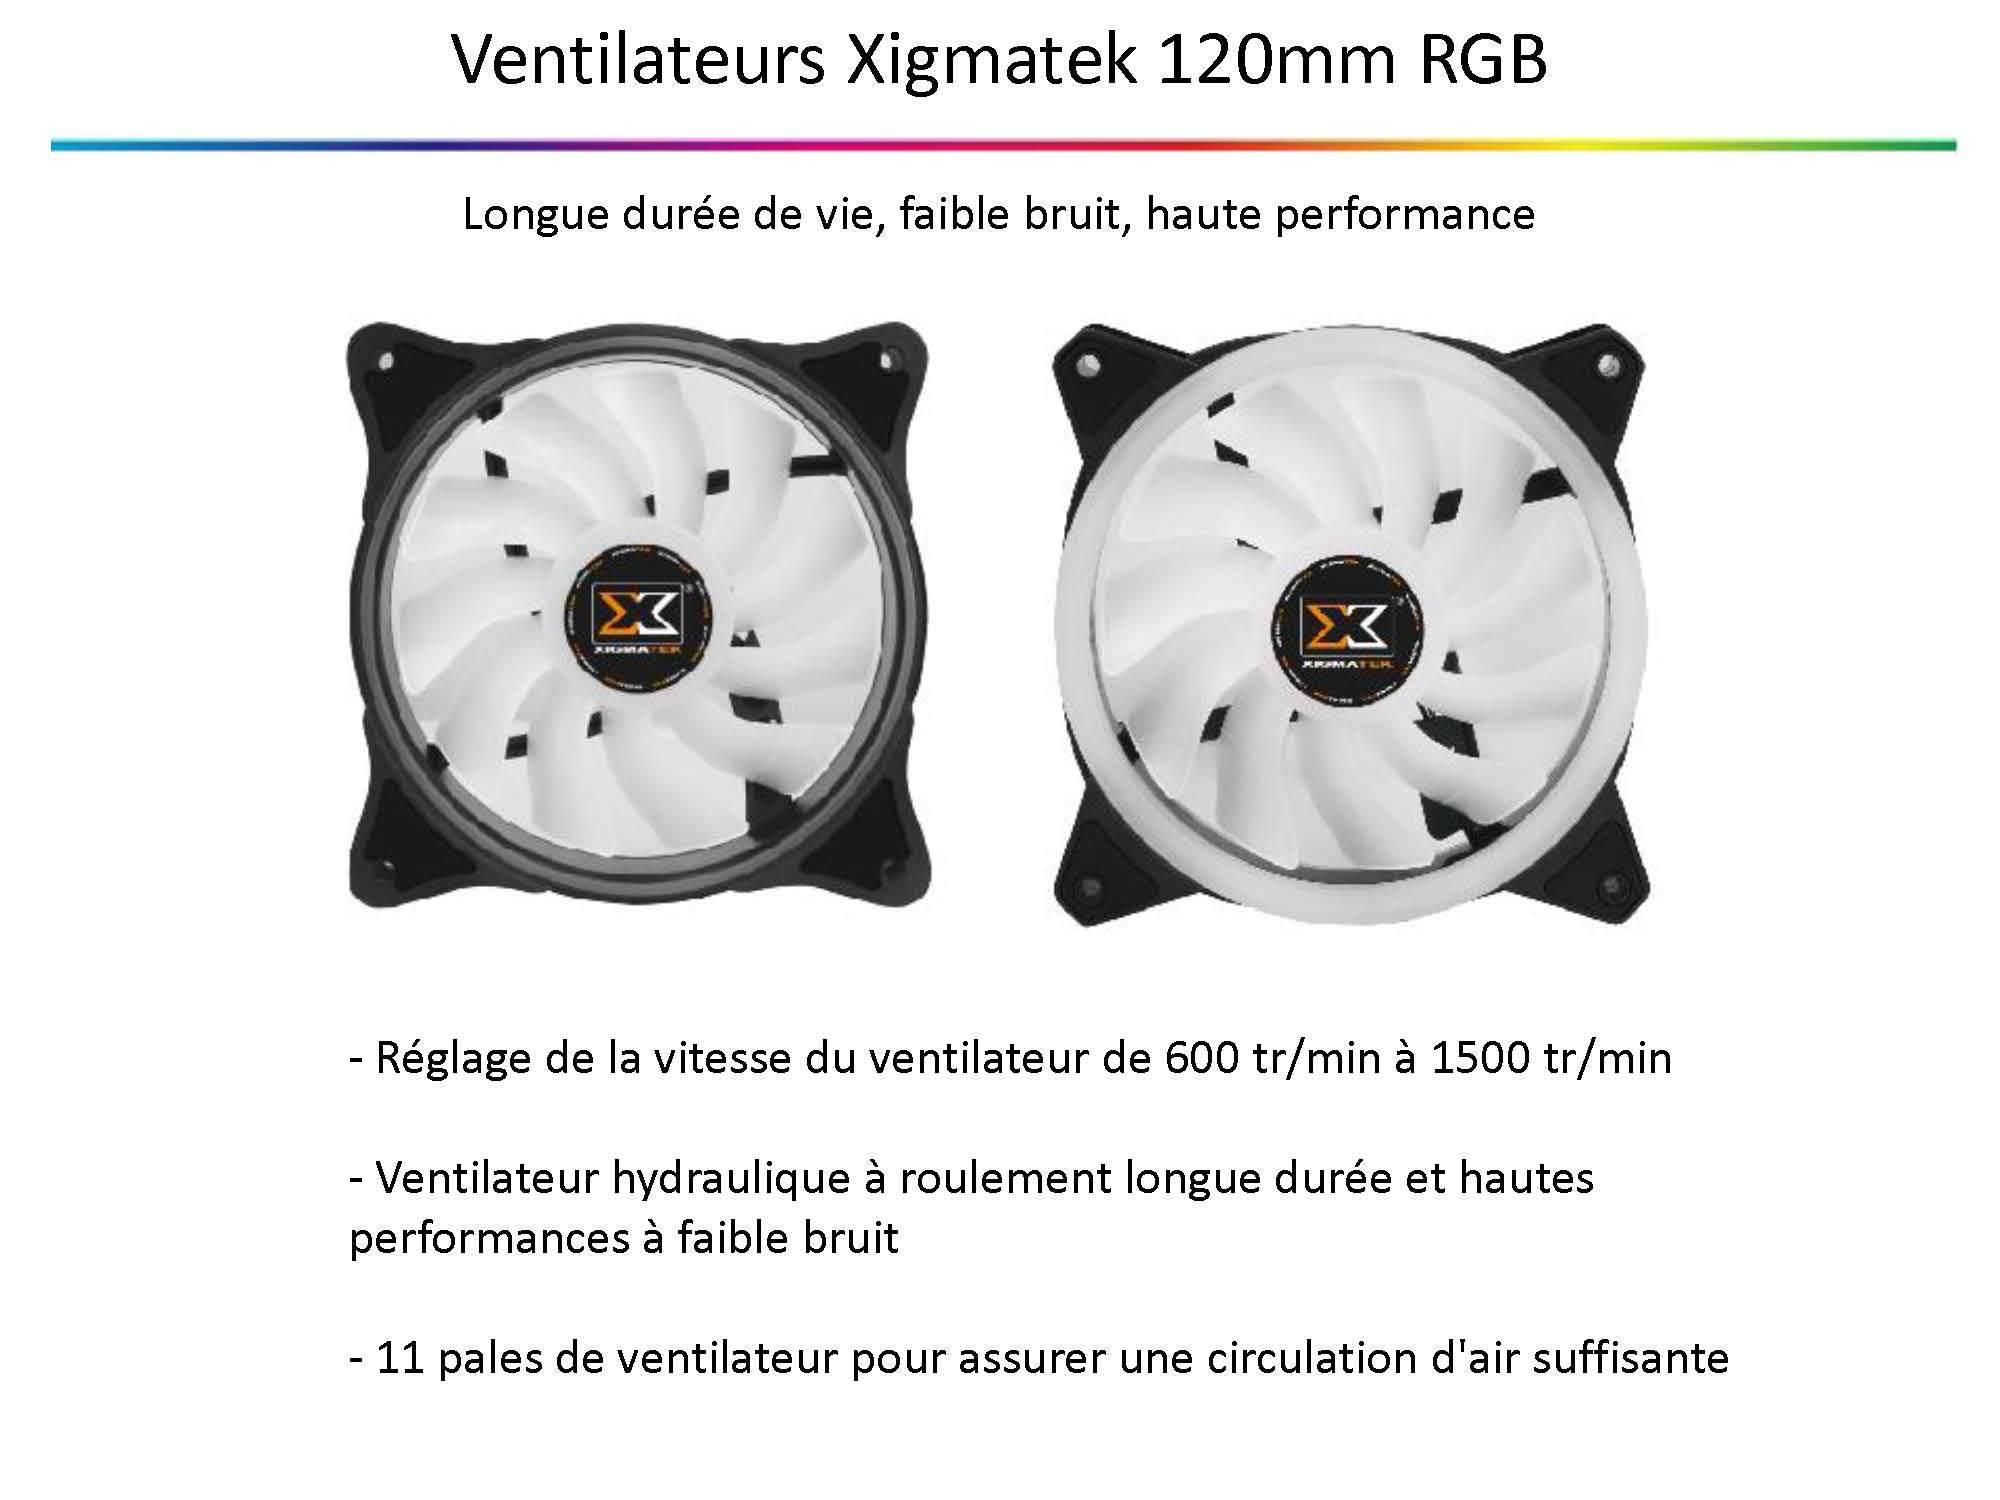 9492385955870.jpg [MS-15481123719086096-0019472152-FR]/Catalogue produits RDC et GM / Online